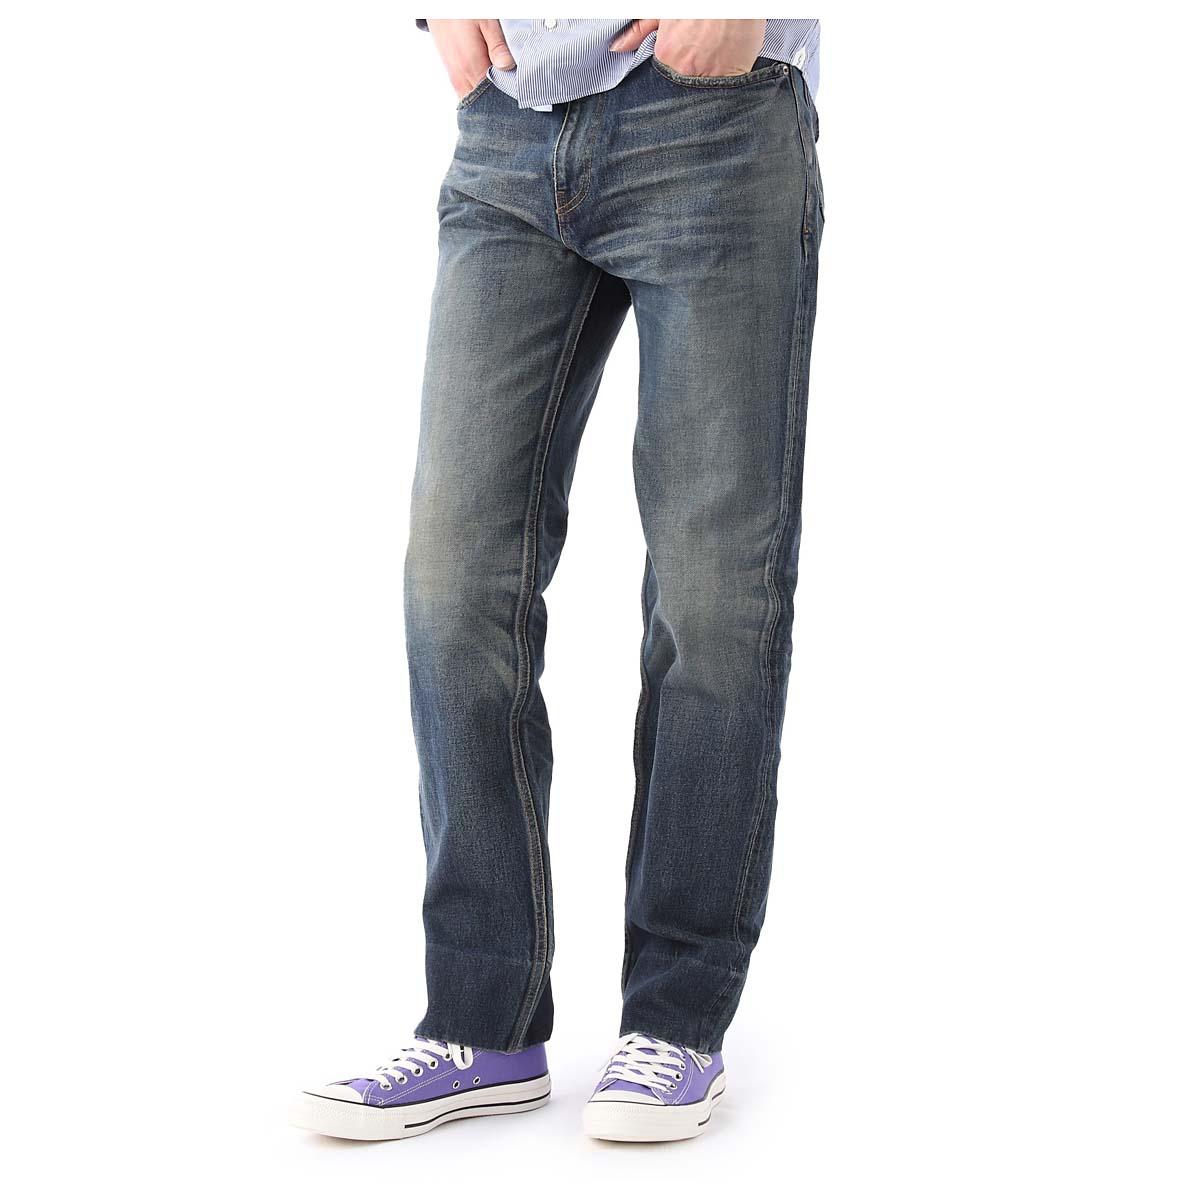 メンズファッション, ズボン・パンツ  BALENCIAGA 641462 tdw14 4915